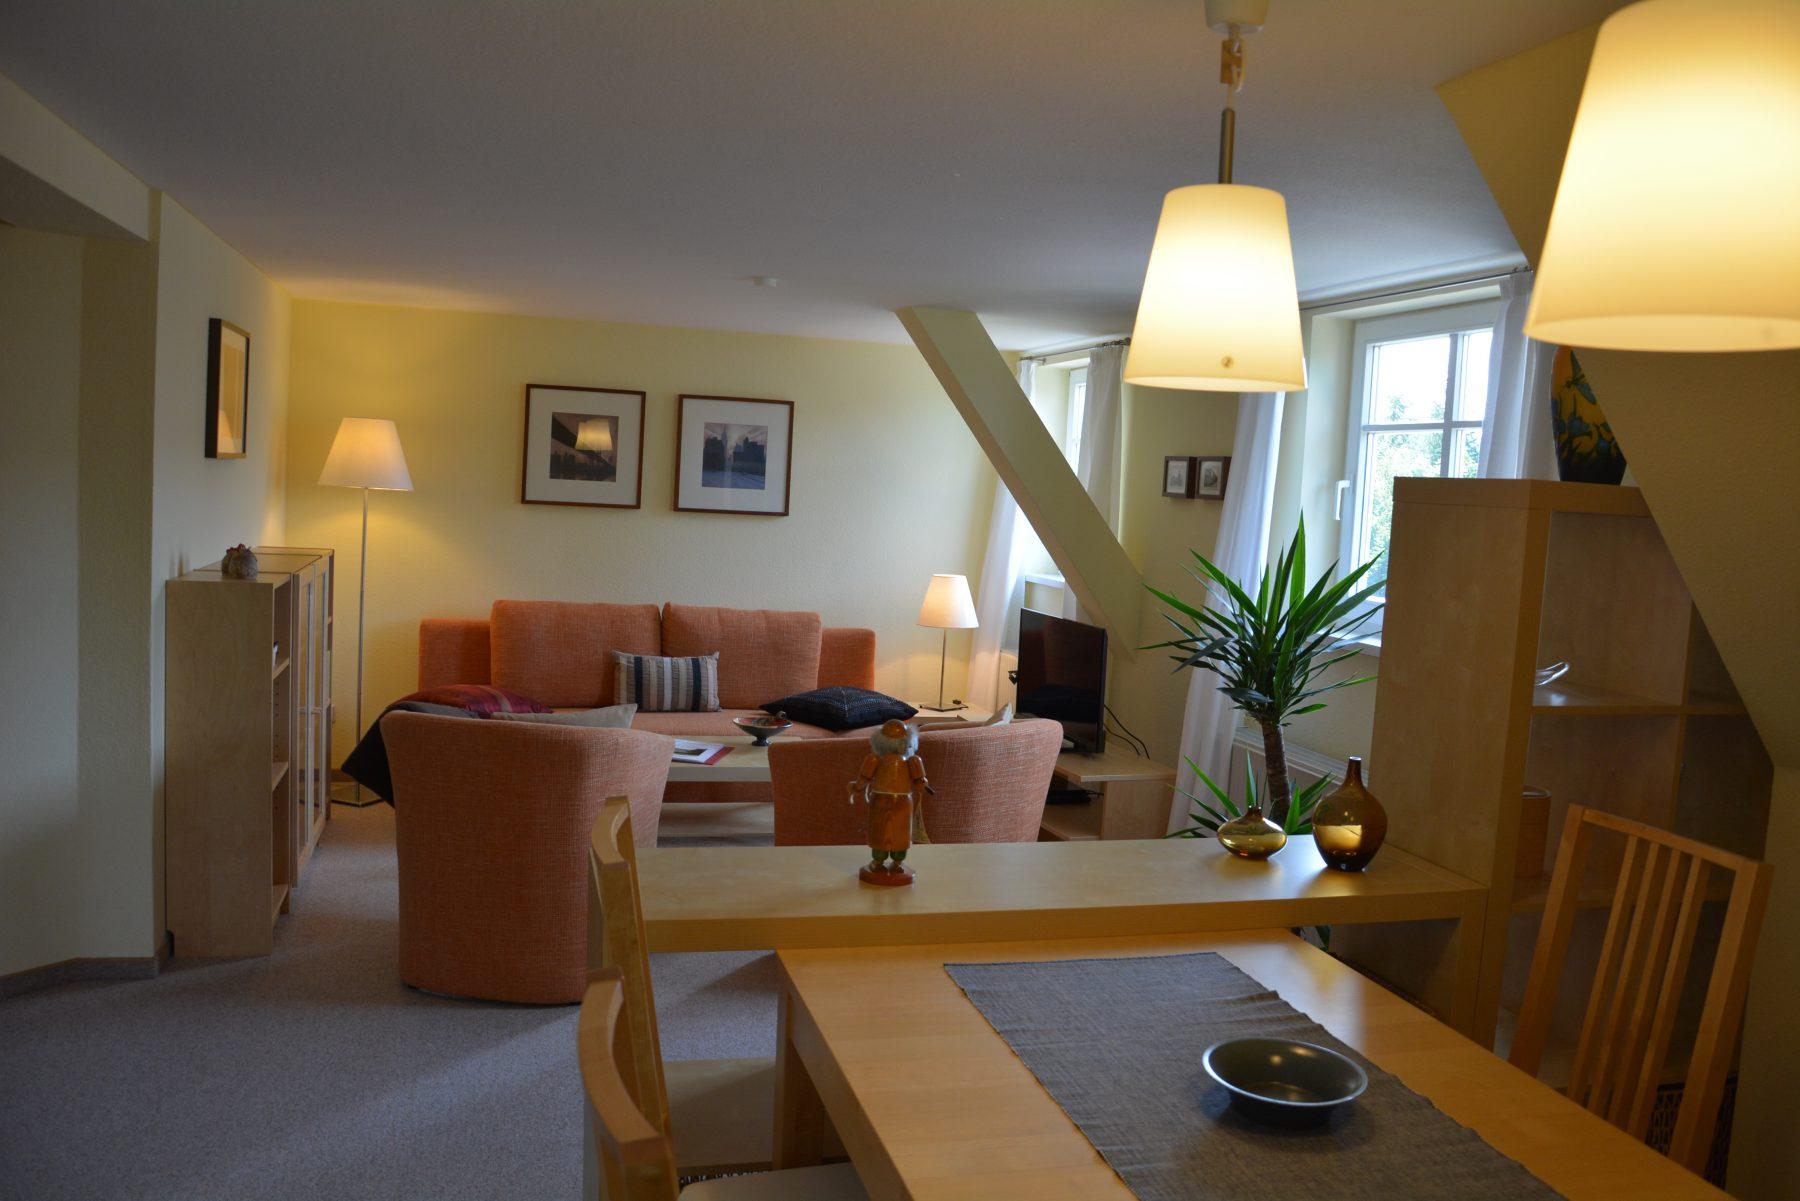 Ferienwohnung im Verlegerhaus Seiffen Kategorie N4 Eßplatz Wohnzimmer